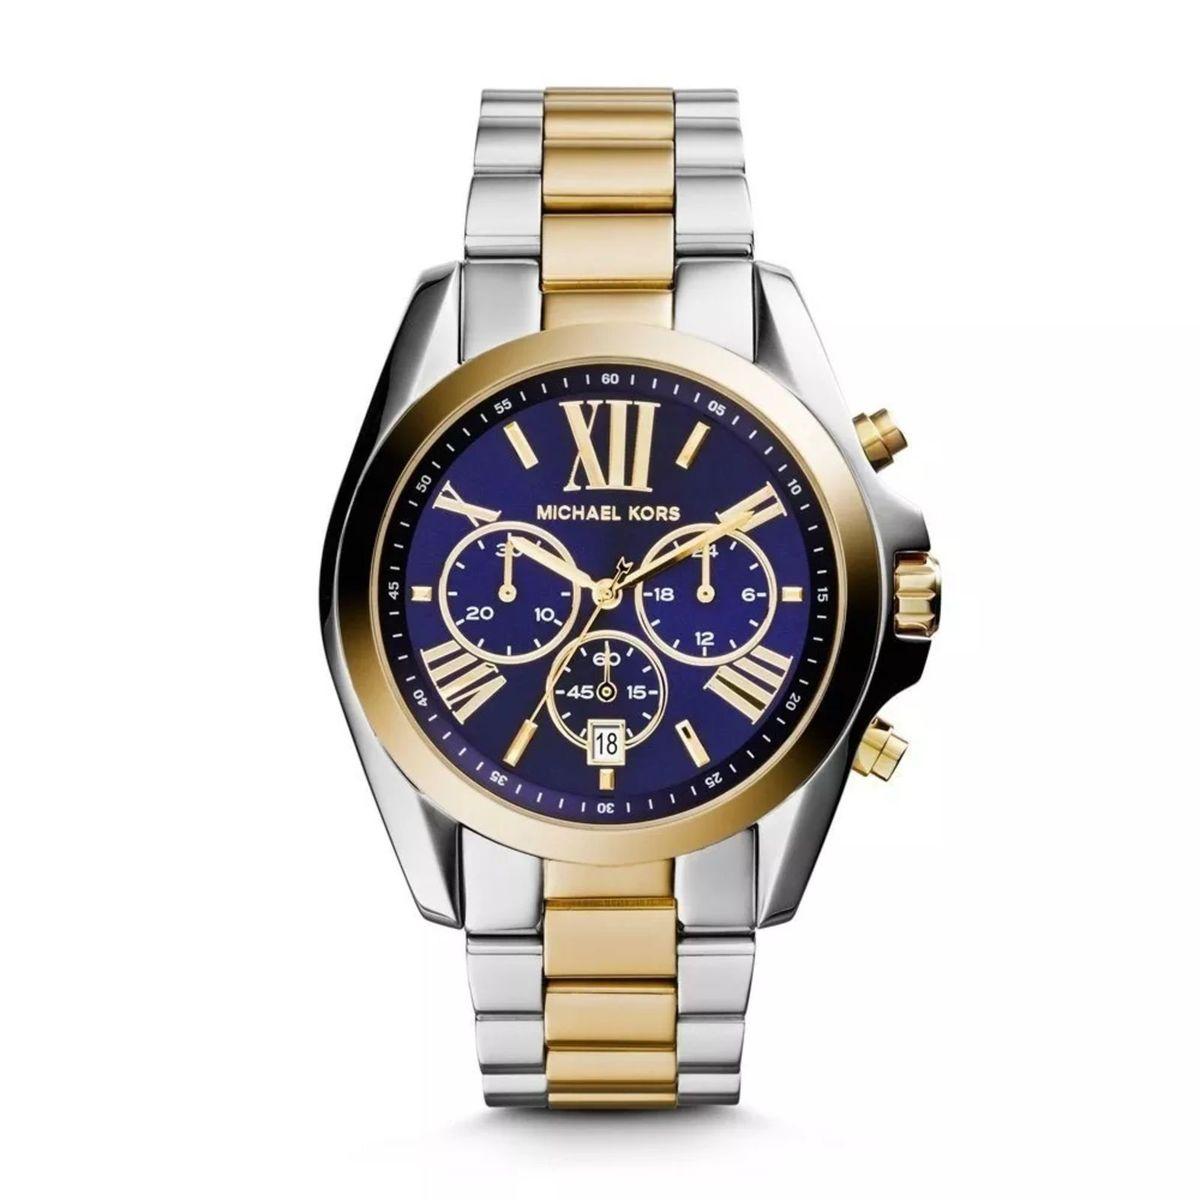 434e40393 Relógio Mk Michael Kors Mk5976 Prata Dourado Azul com Caixa e Manual E941 |  Relógio Feminino Michael Kors Nunca Usado 27462119 | enjoei